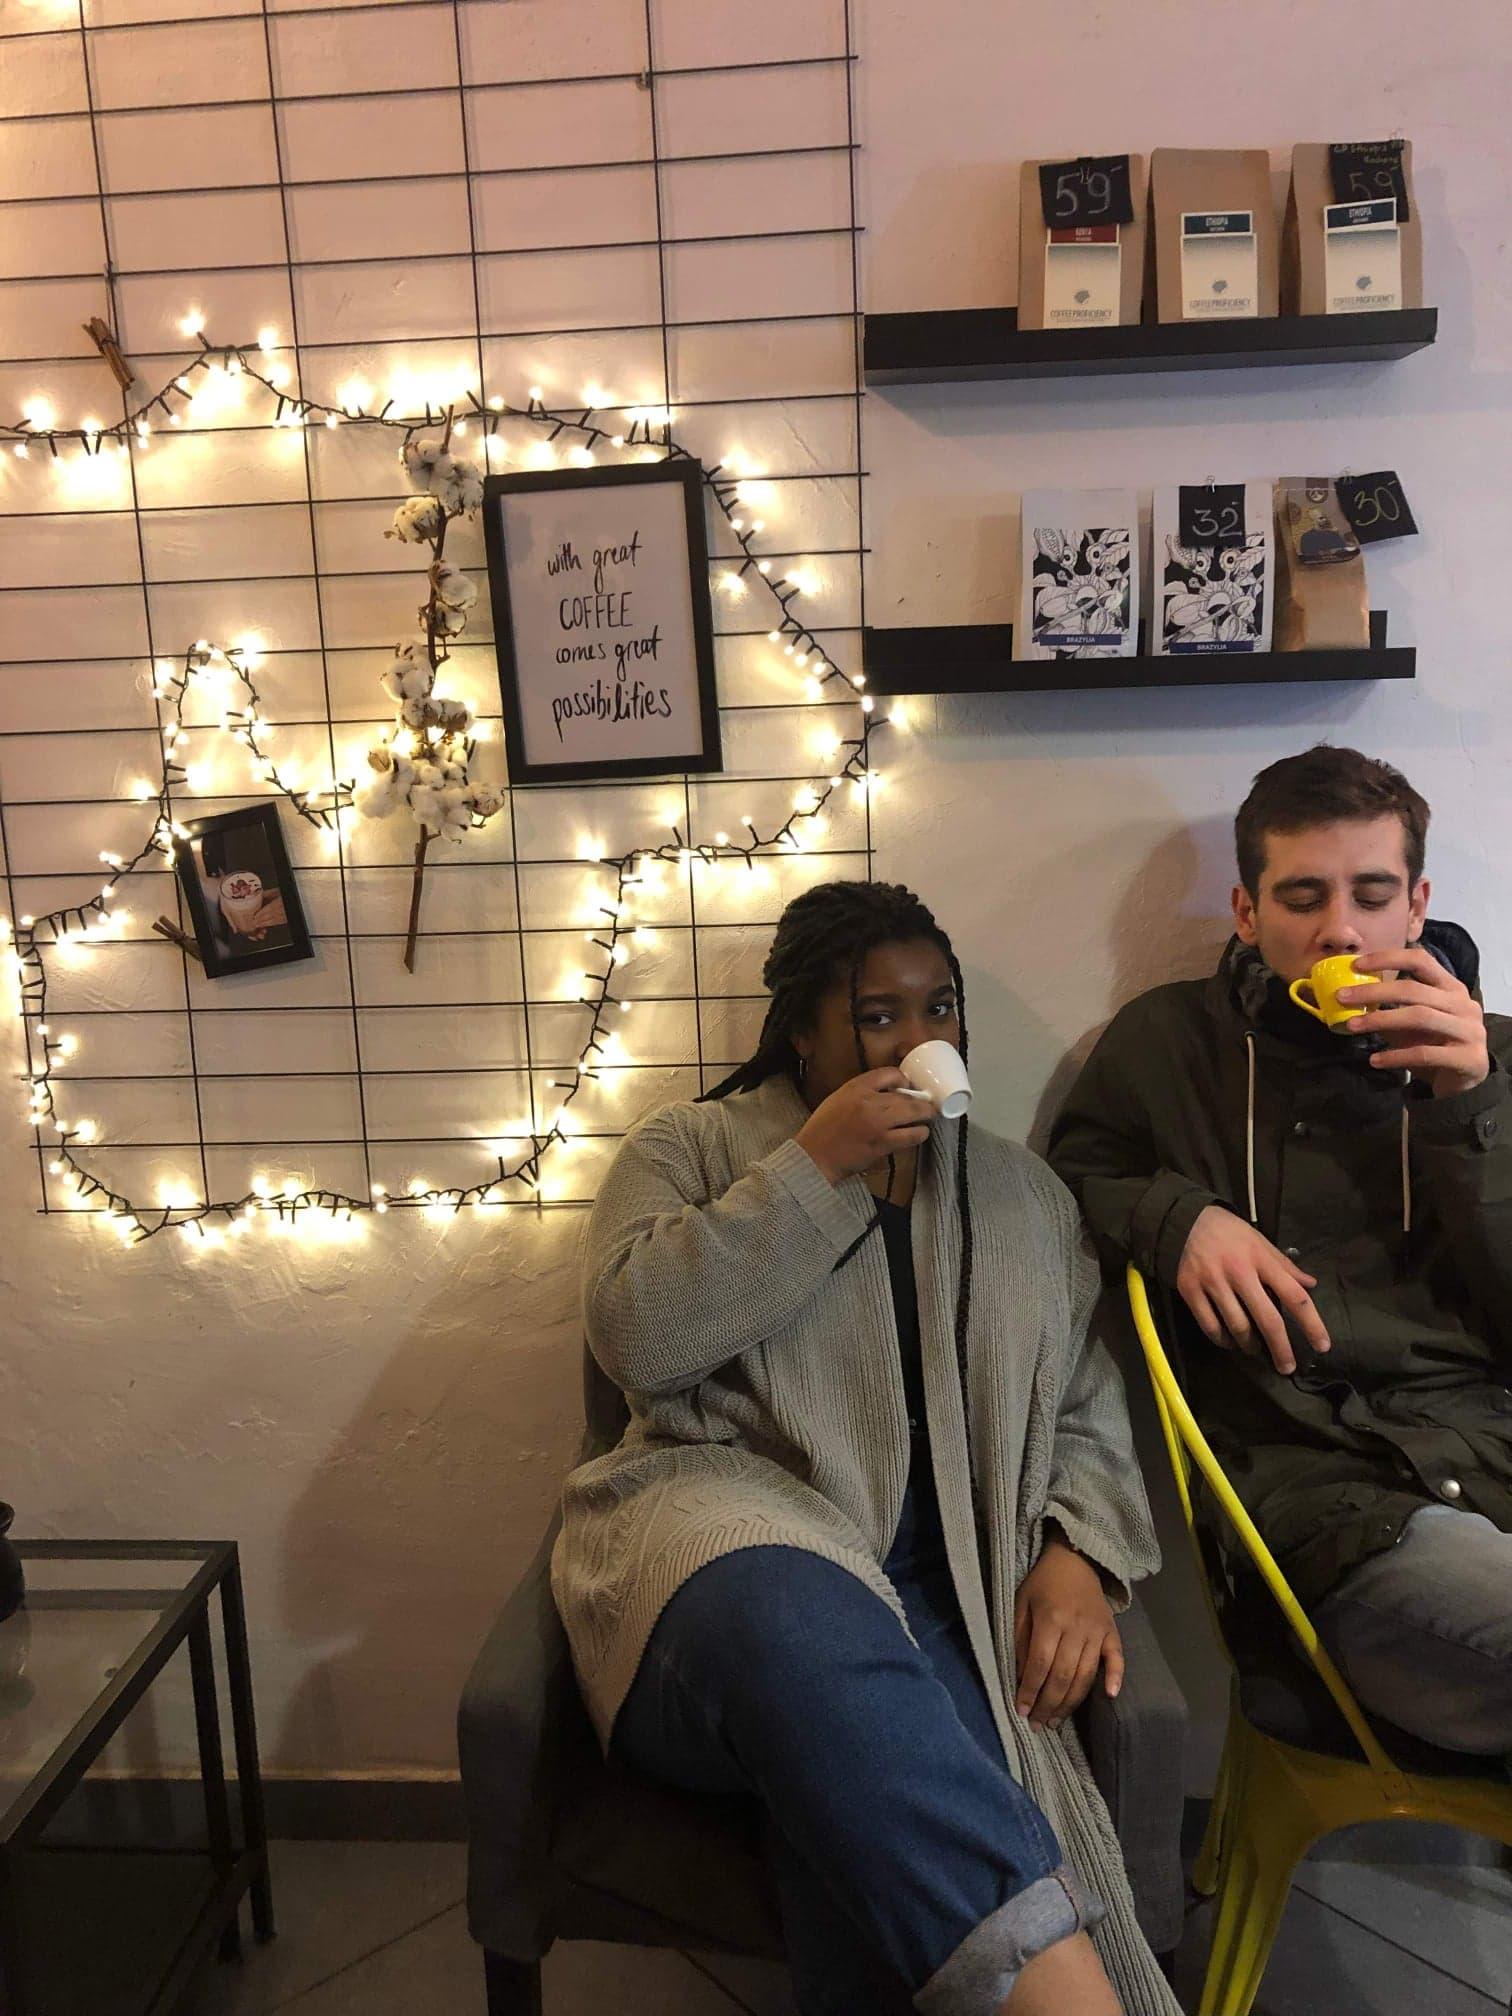 upoznavanje sa studentom razmjene južnoafrički dating London